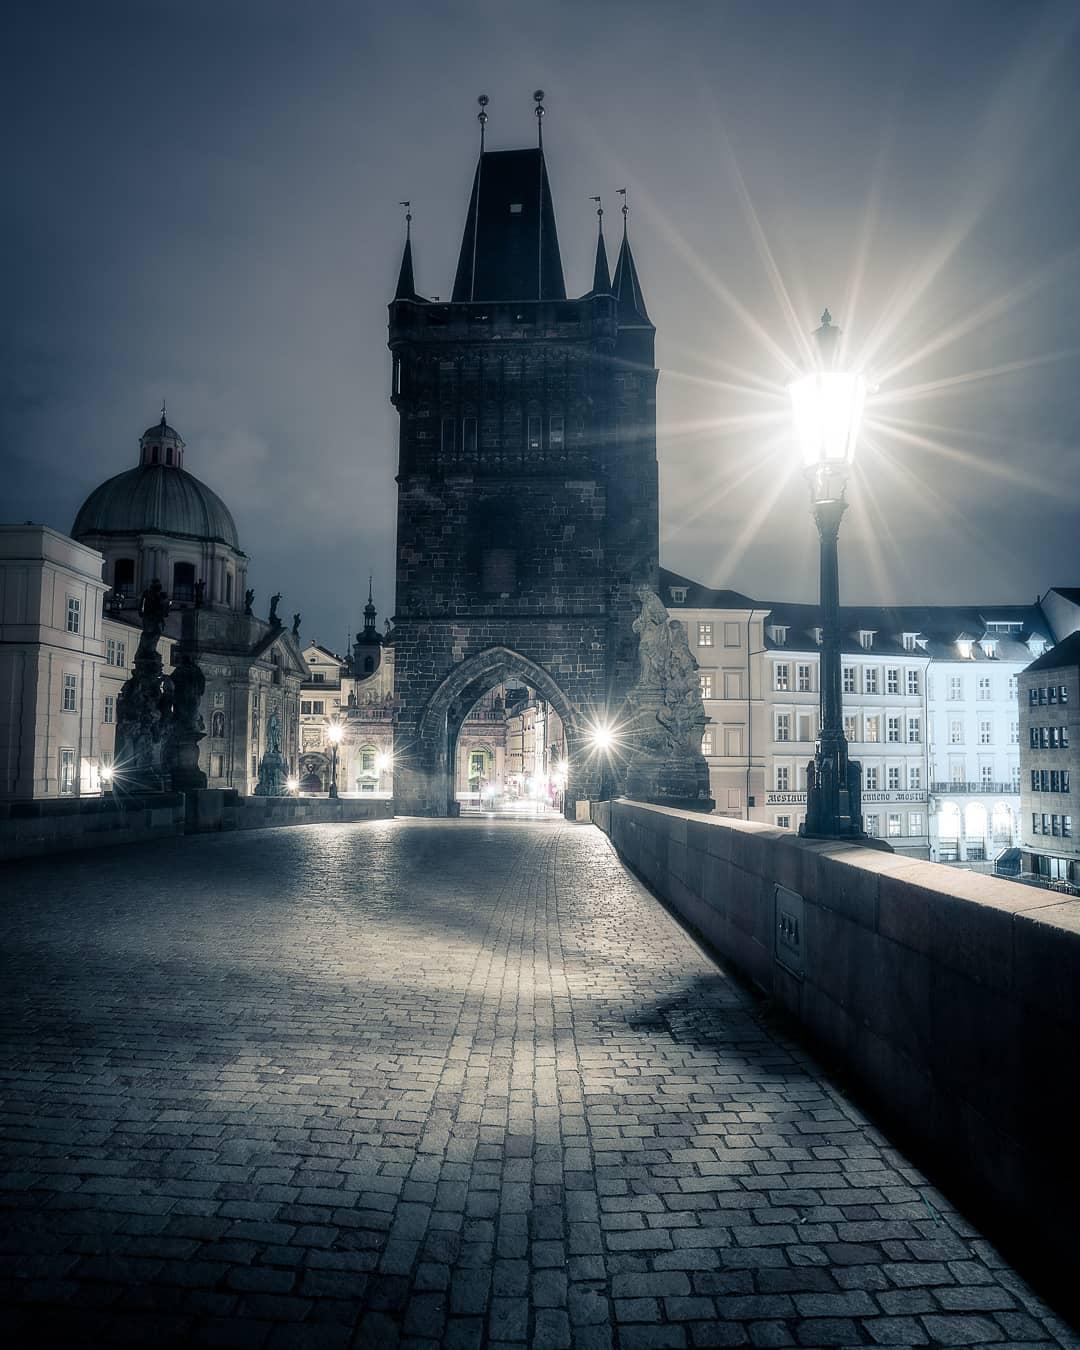 Архитектура и городские пейзажи от Кевина Хуфнагла